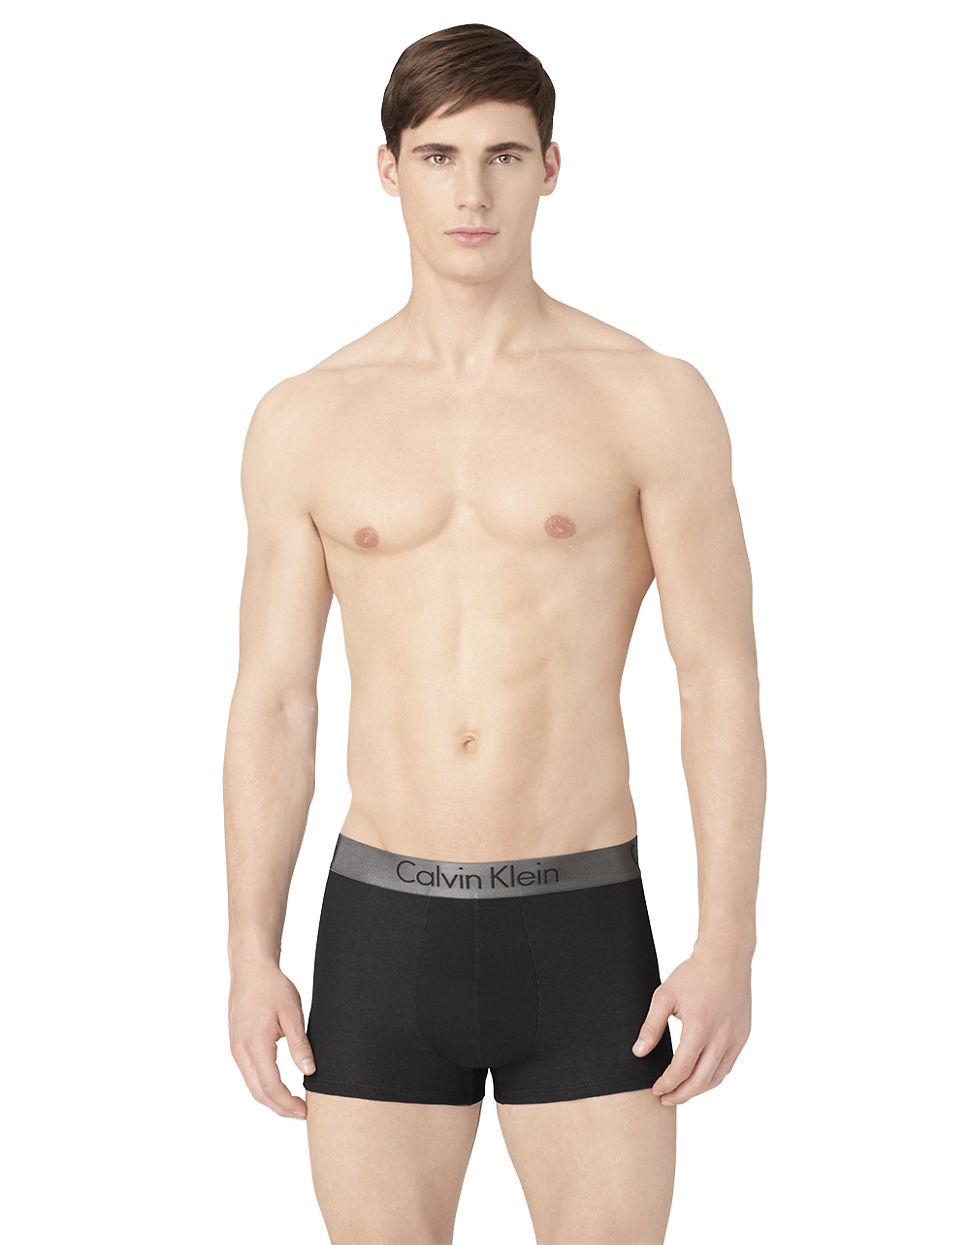 calvin klein logo boxer shorts in black for men lyst. Black Bedroom Furniture Sets. Home Design Ideas